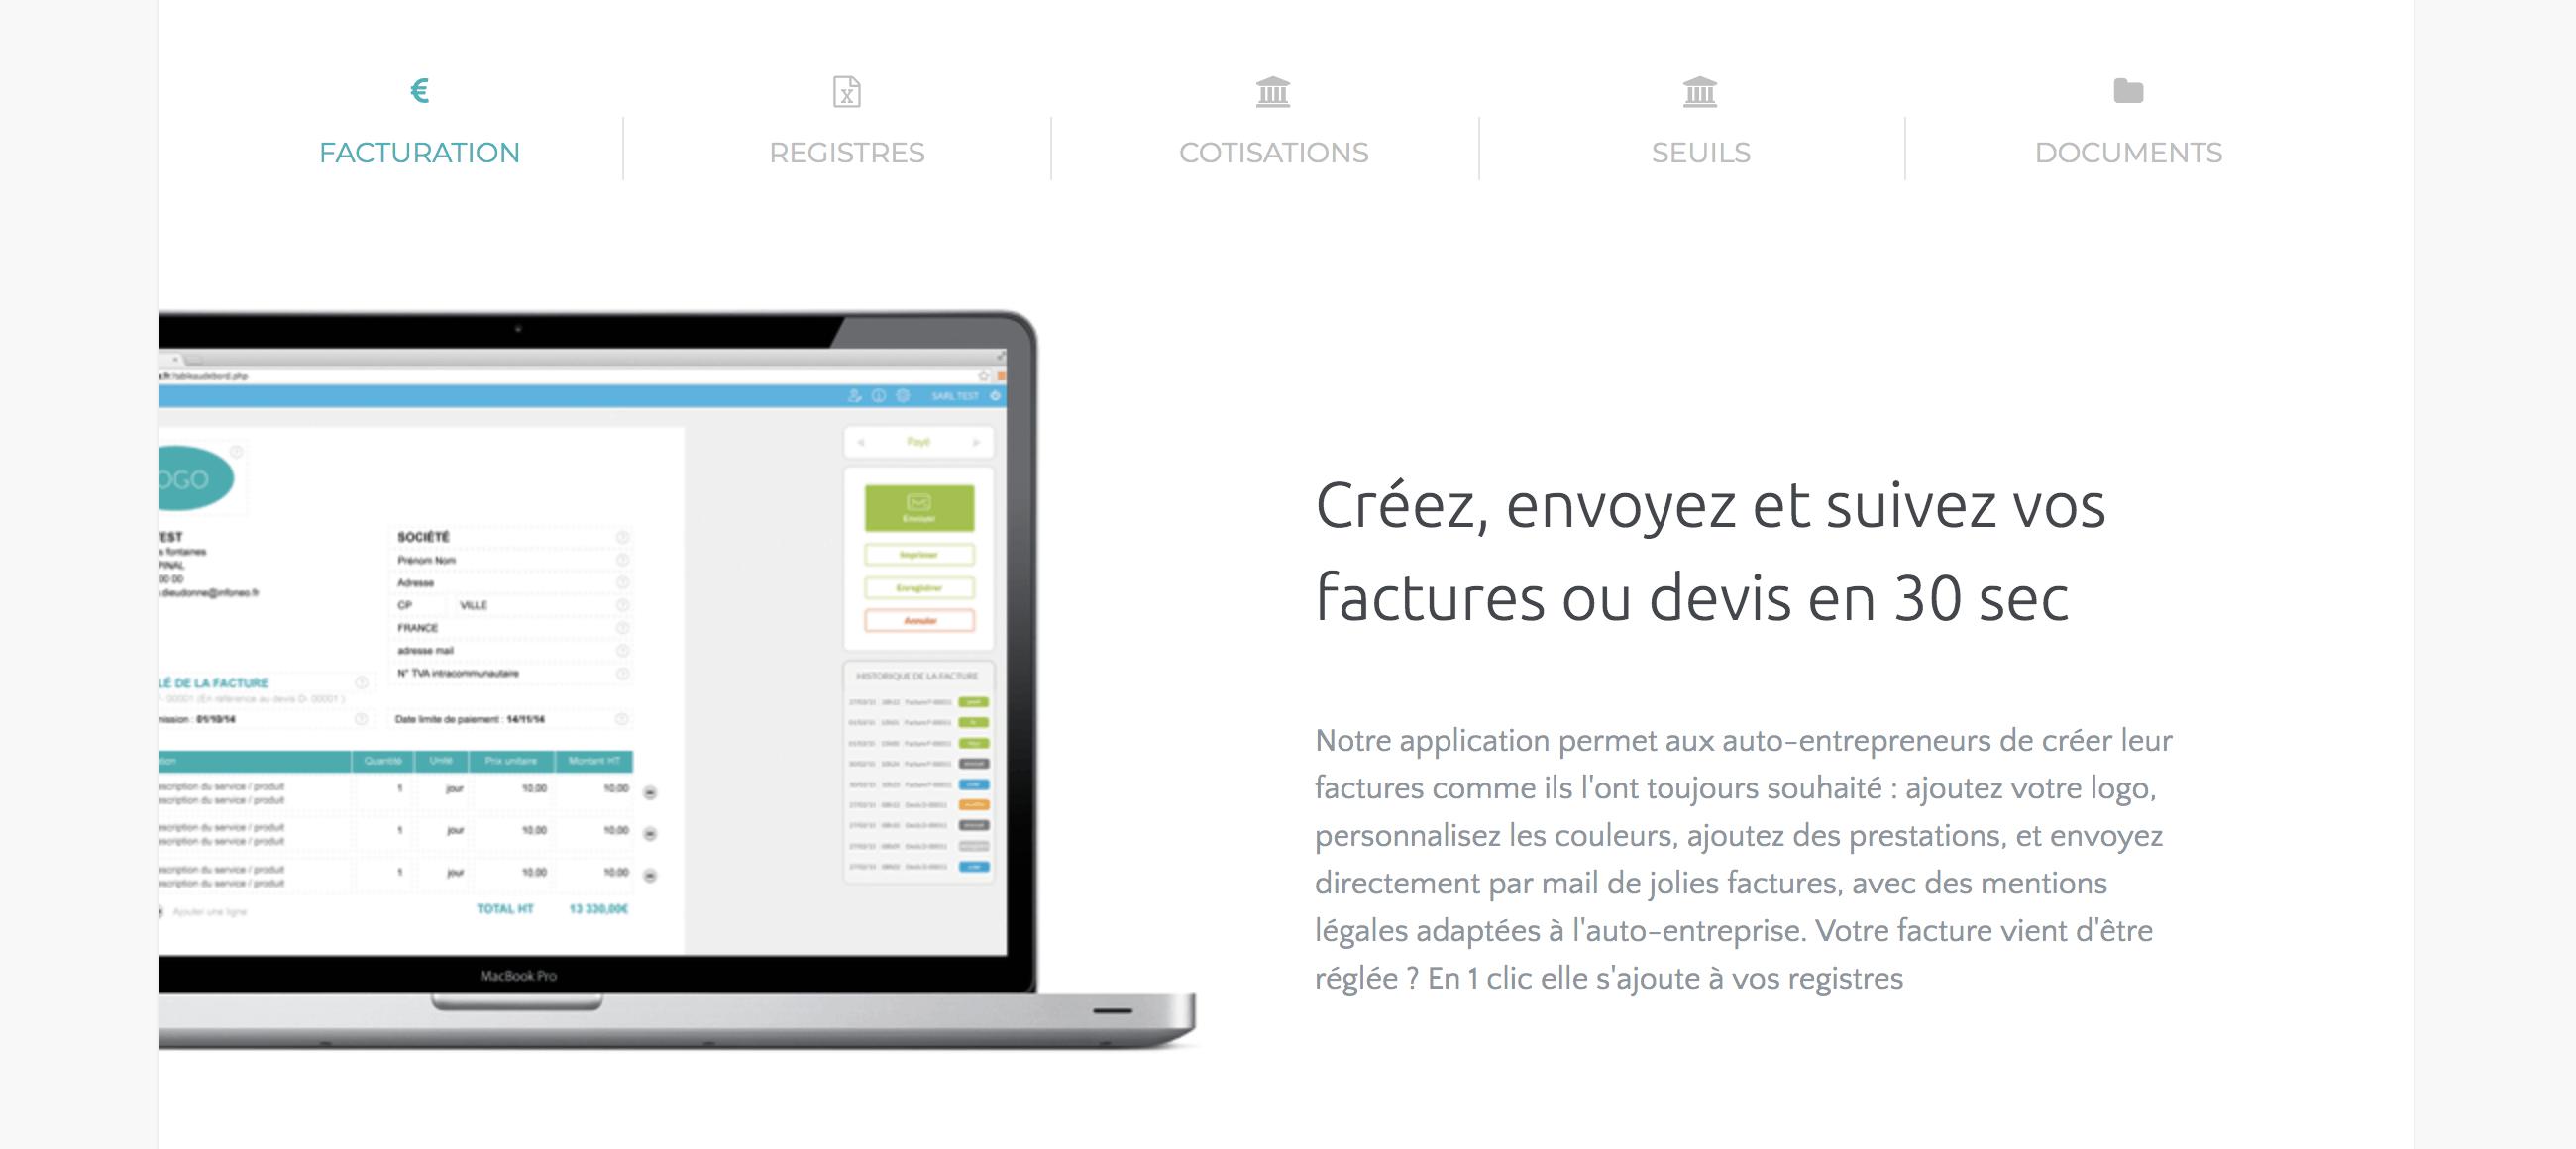 logiciel facturation micro-entreprise gratuit Tiime AE